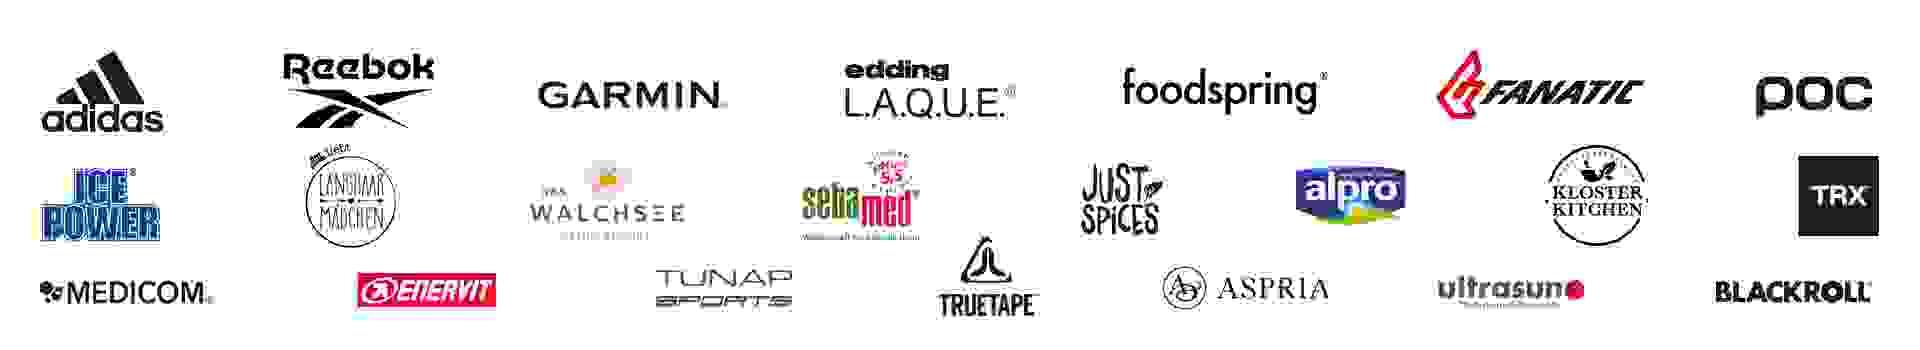 Logos SportScheck Women PWR Days